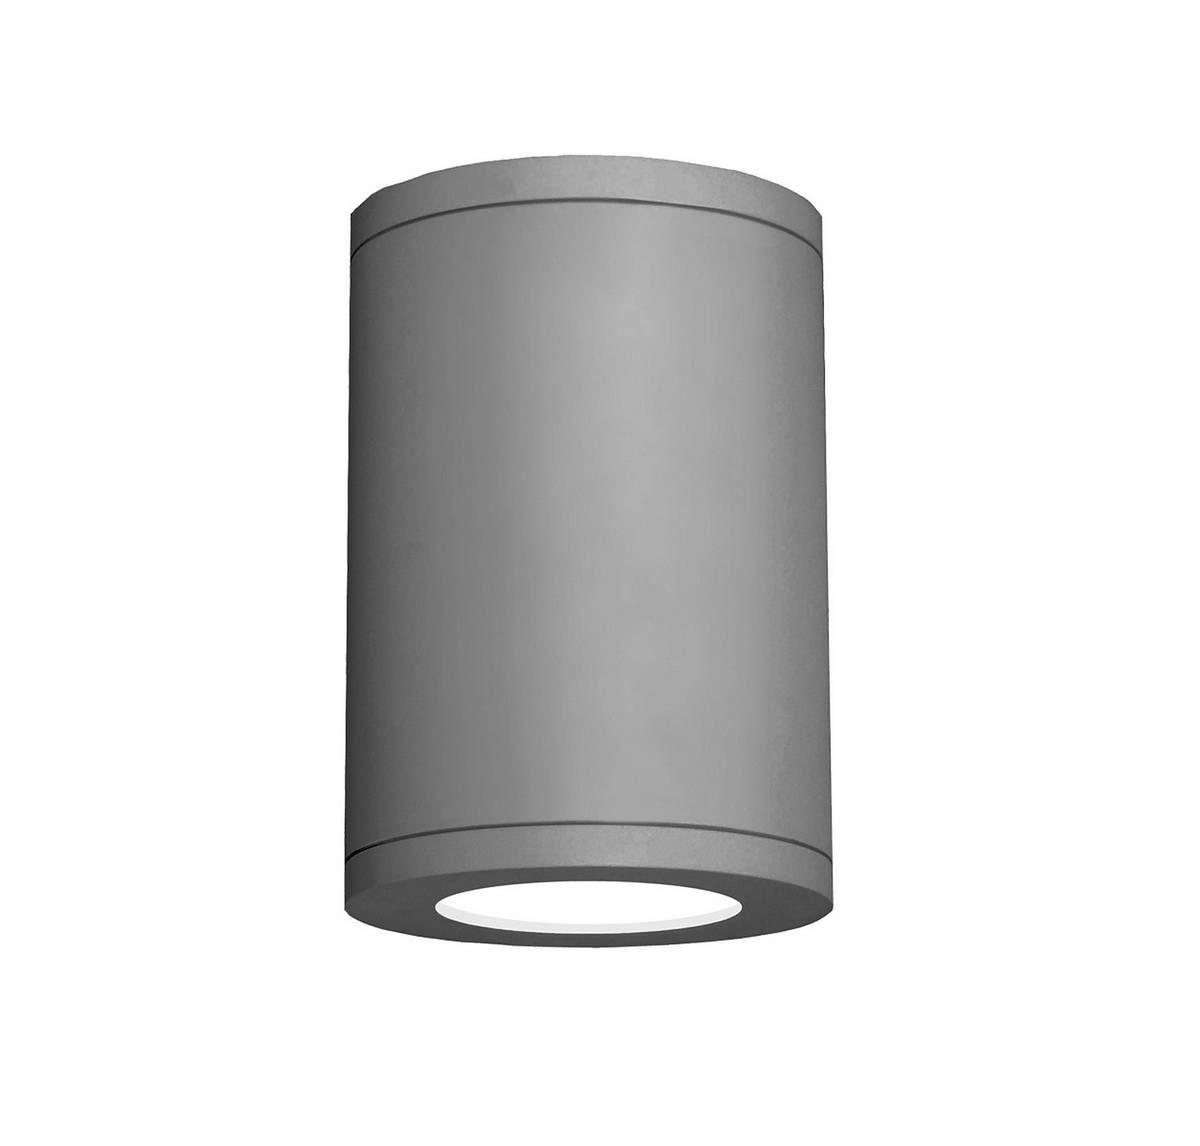 best website 6336e 58ad9 WAC Lighting Tube 7